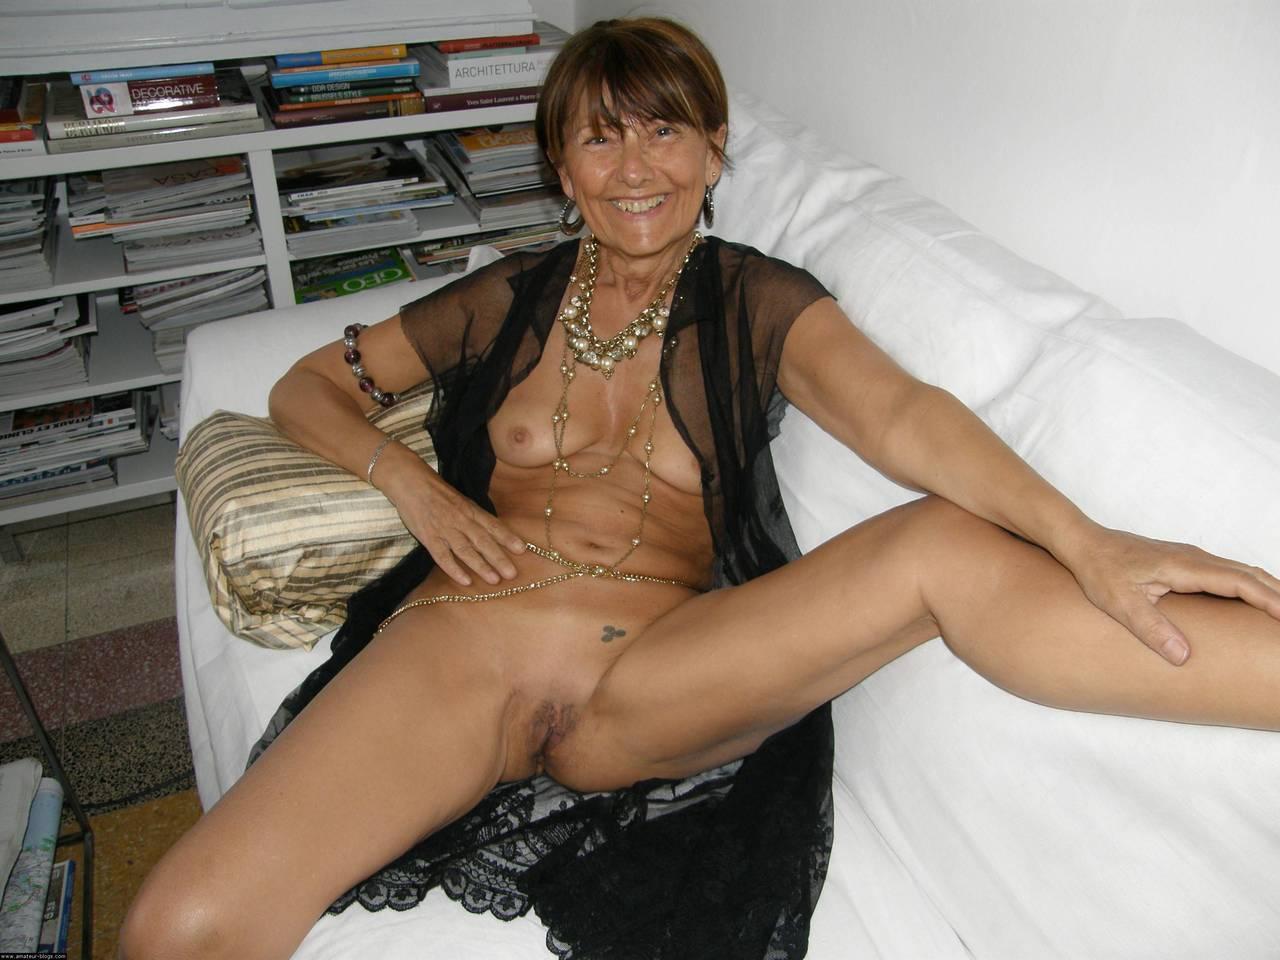 tumblr italian nude